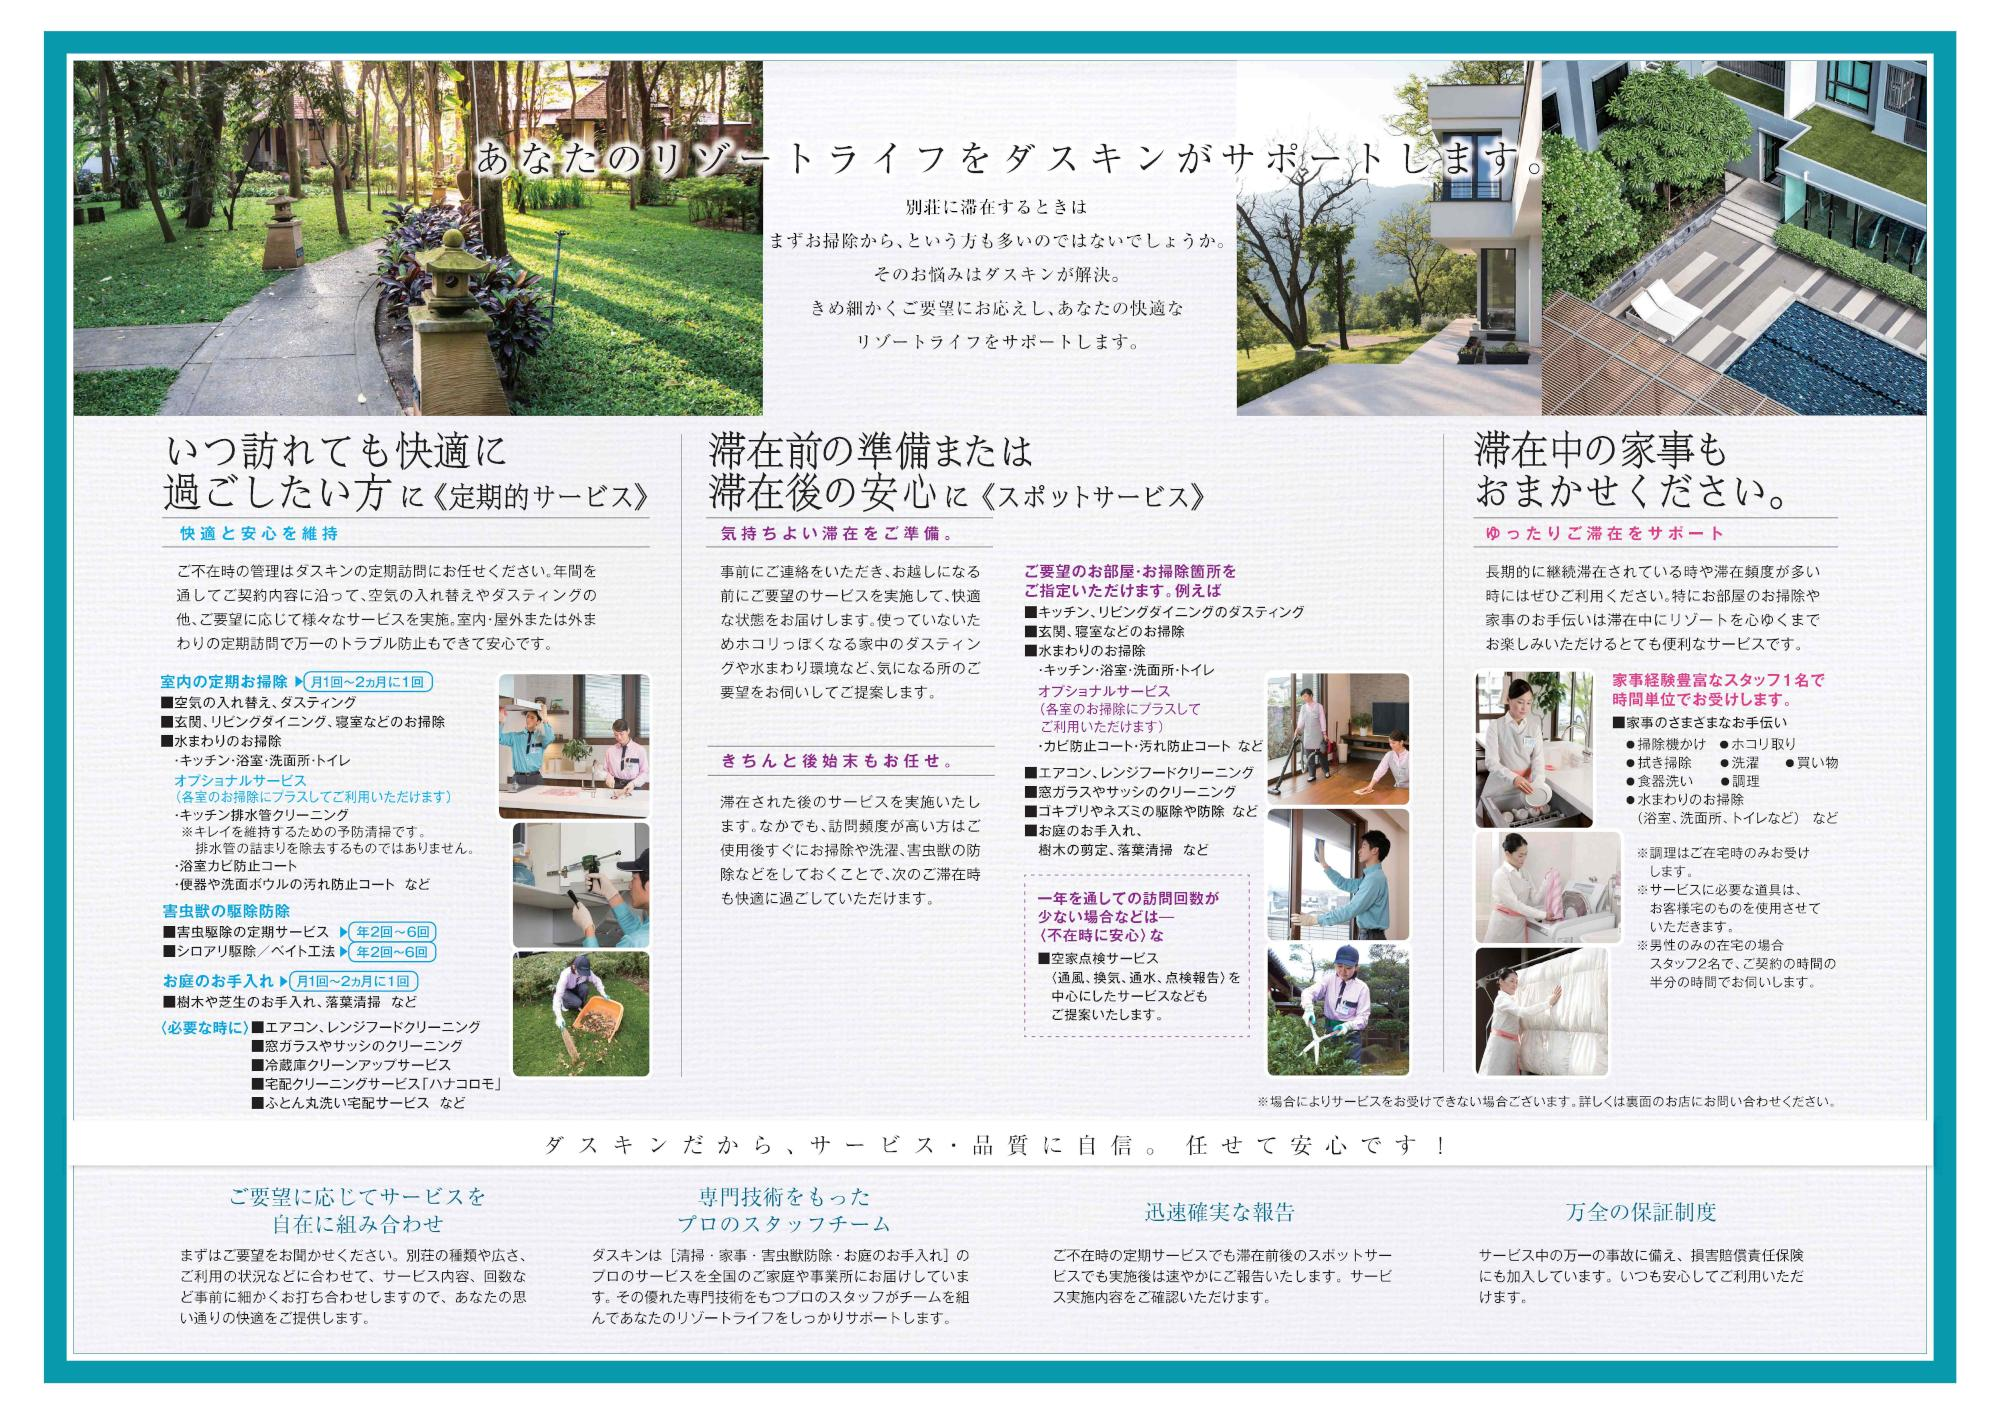 【配信】リゾートチラシura201806-2.jpg